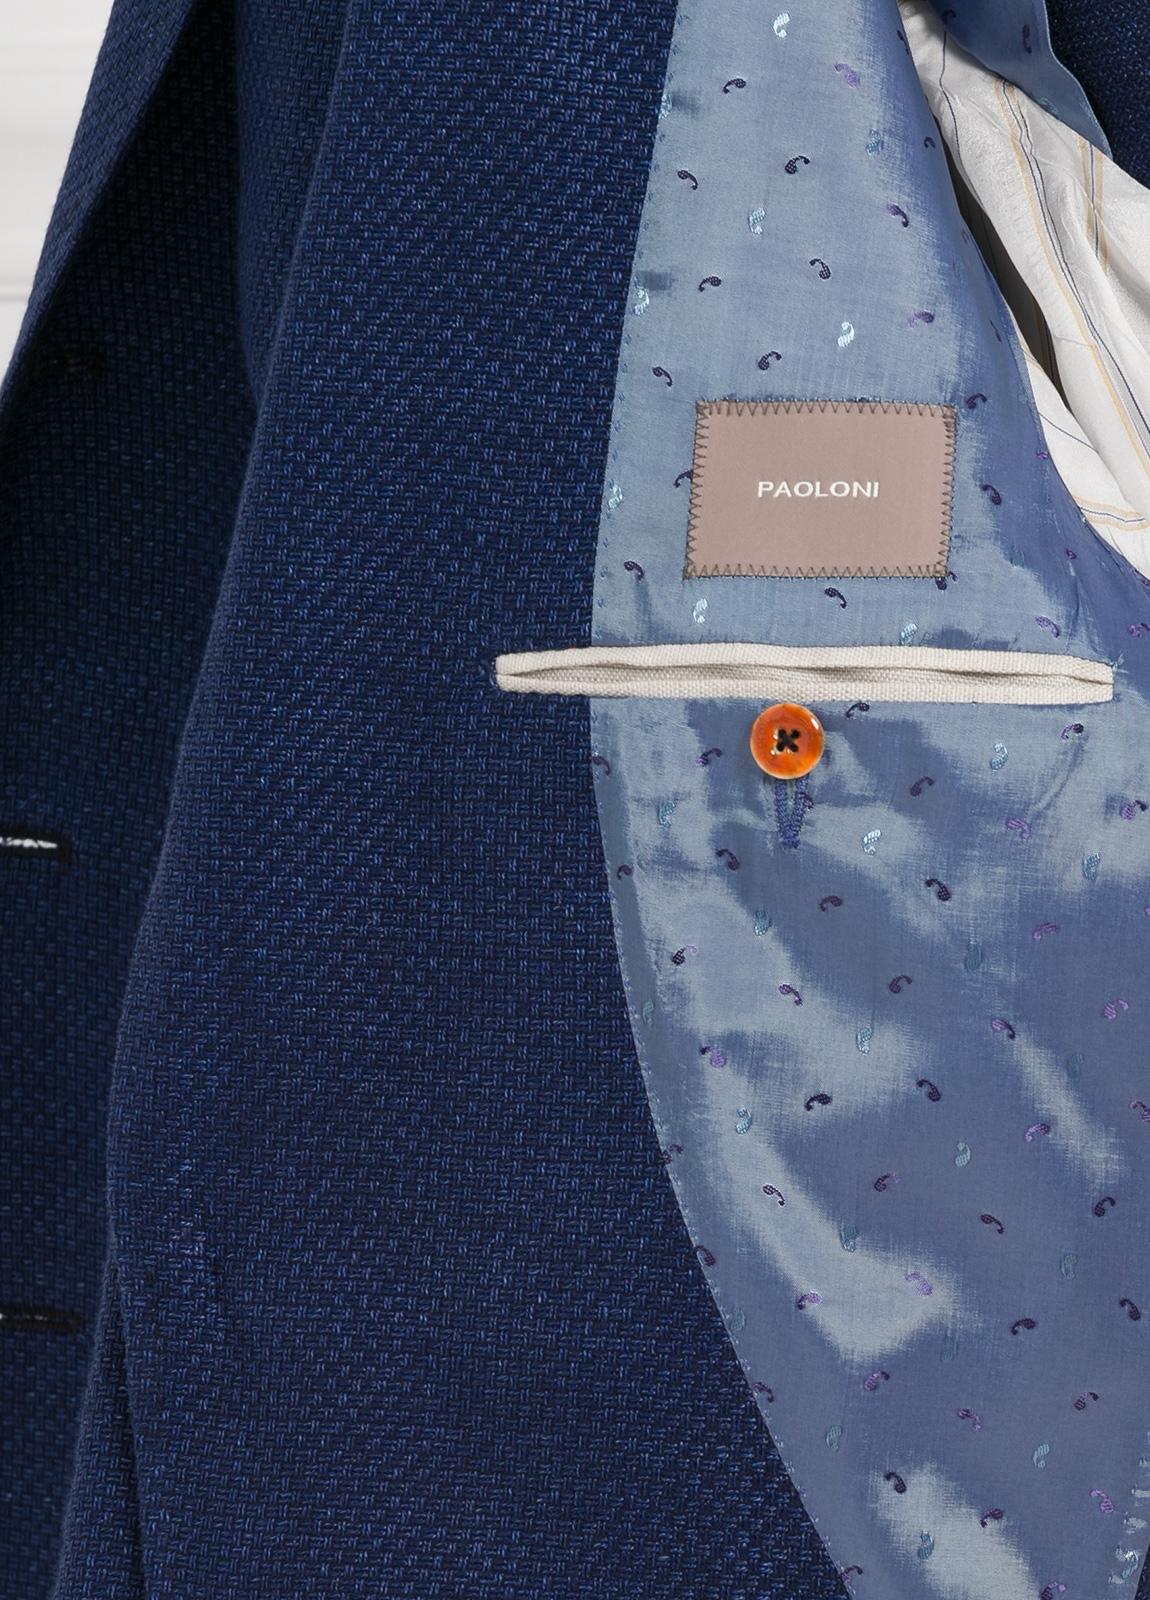 Americana 2 botones SLIM FIT color azul marino con botones al tono. 60% Lino 40% Algodón. - Ítem1